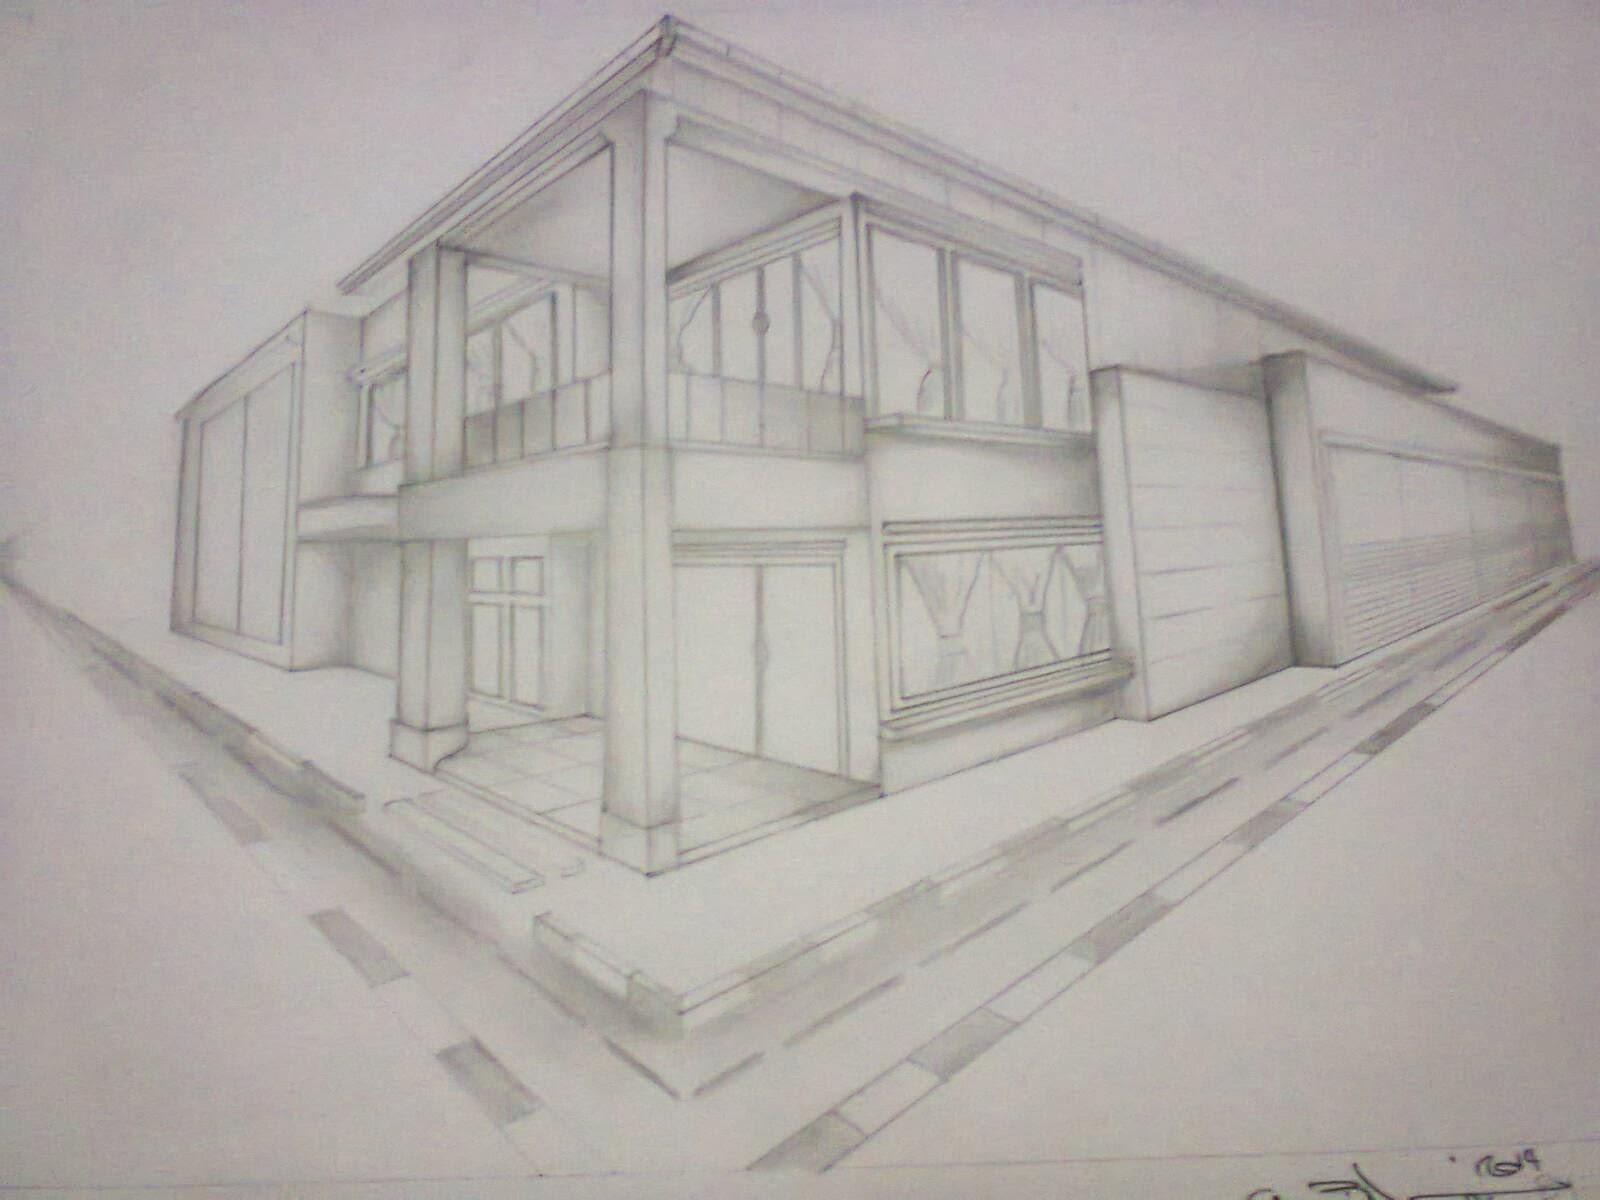 Gambar-Gambar Perspektif & Perspektif Eksterior 2 Titik Hilang \u2013 RumahMinimalisManja